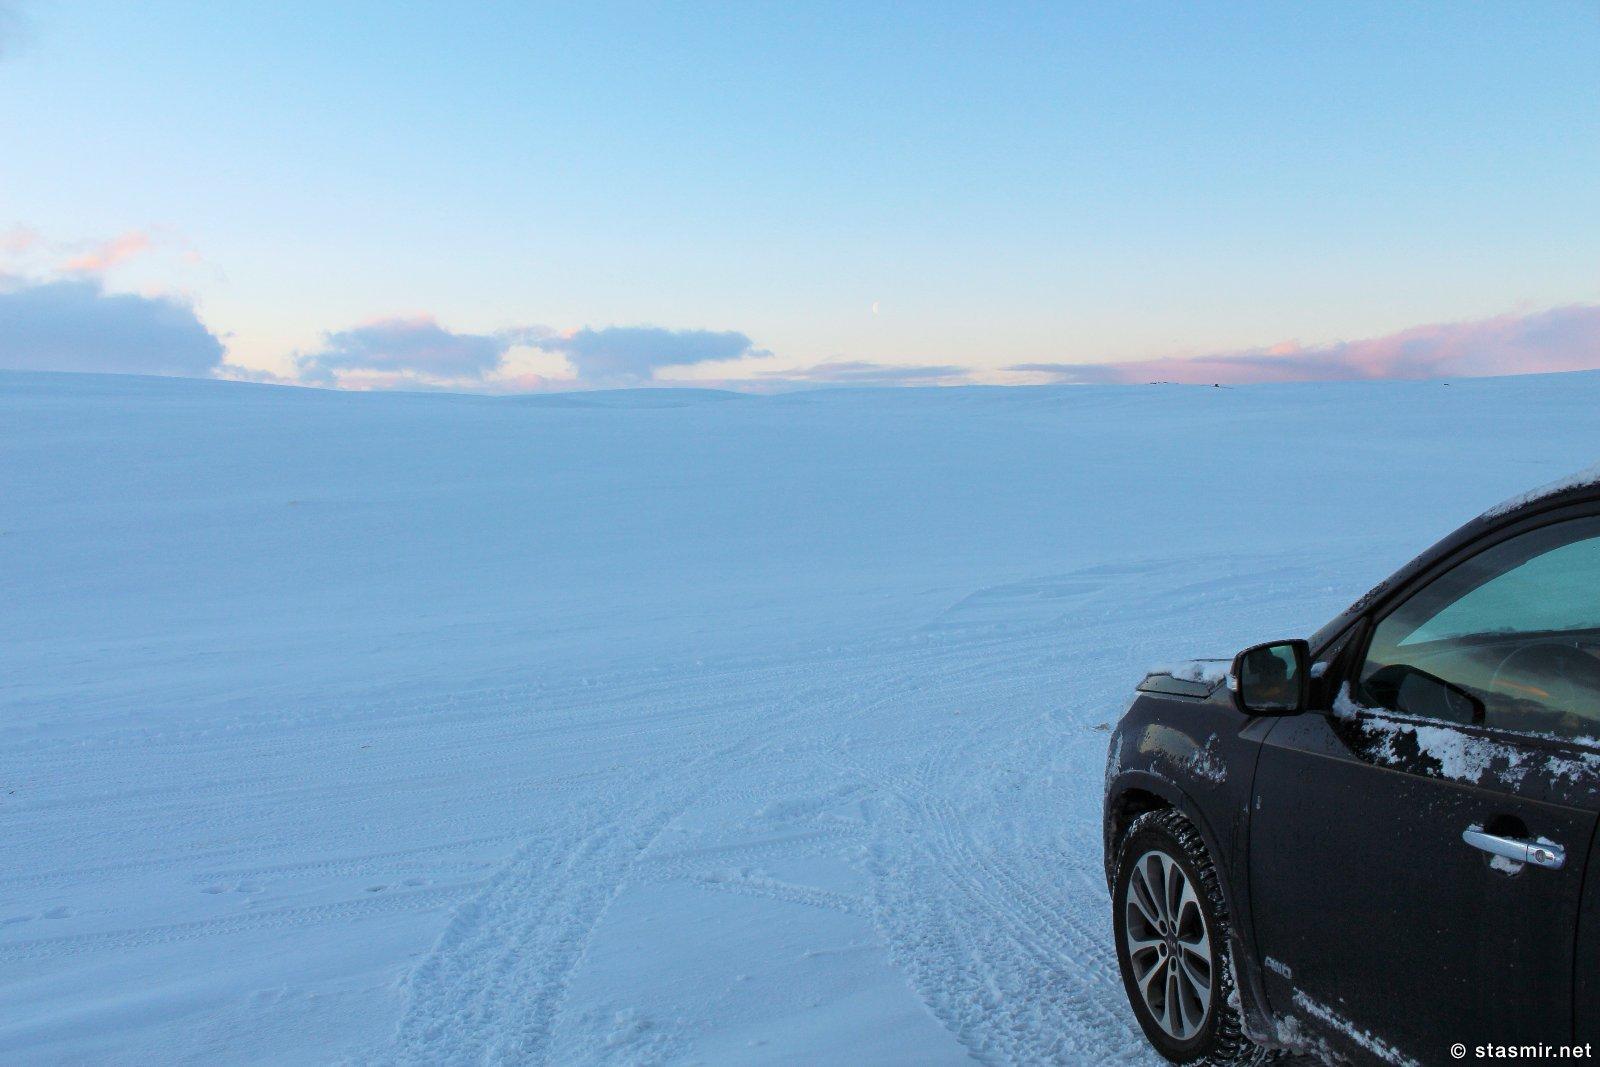 снежный поля Исландии, зима 2016 года, фото Стасмир, Photo Stasmir